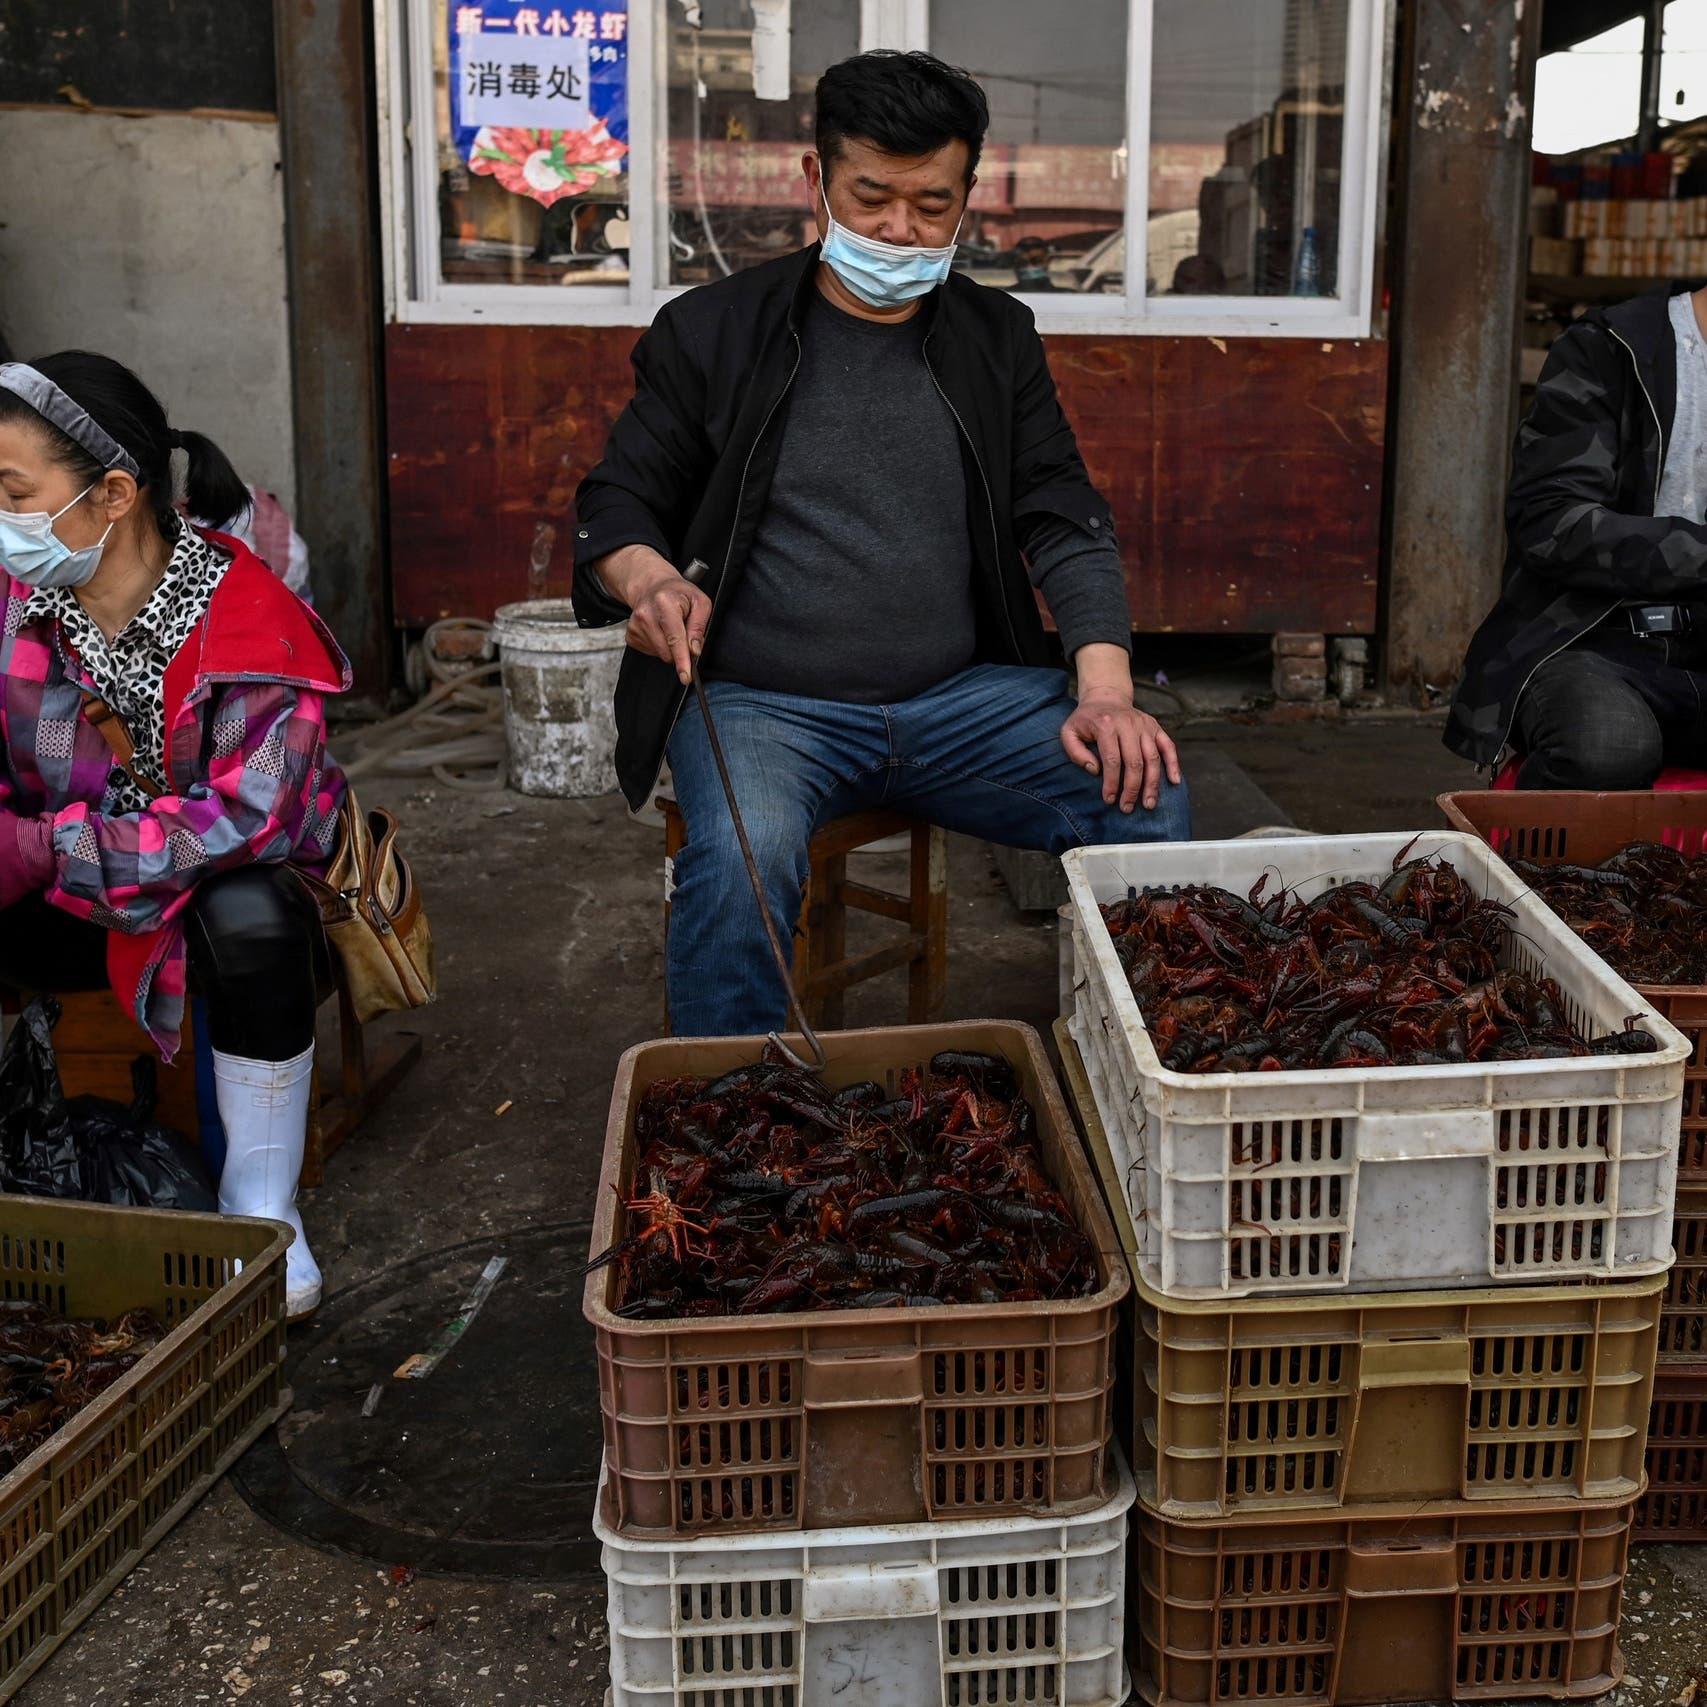 العالم يبحث عن مصدر كورونا.. وبكين تتبرأ